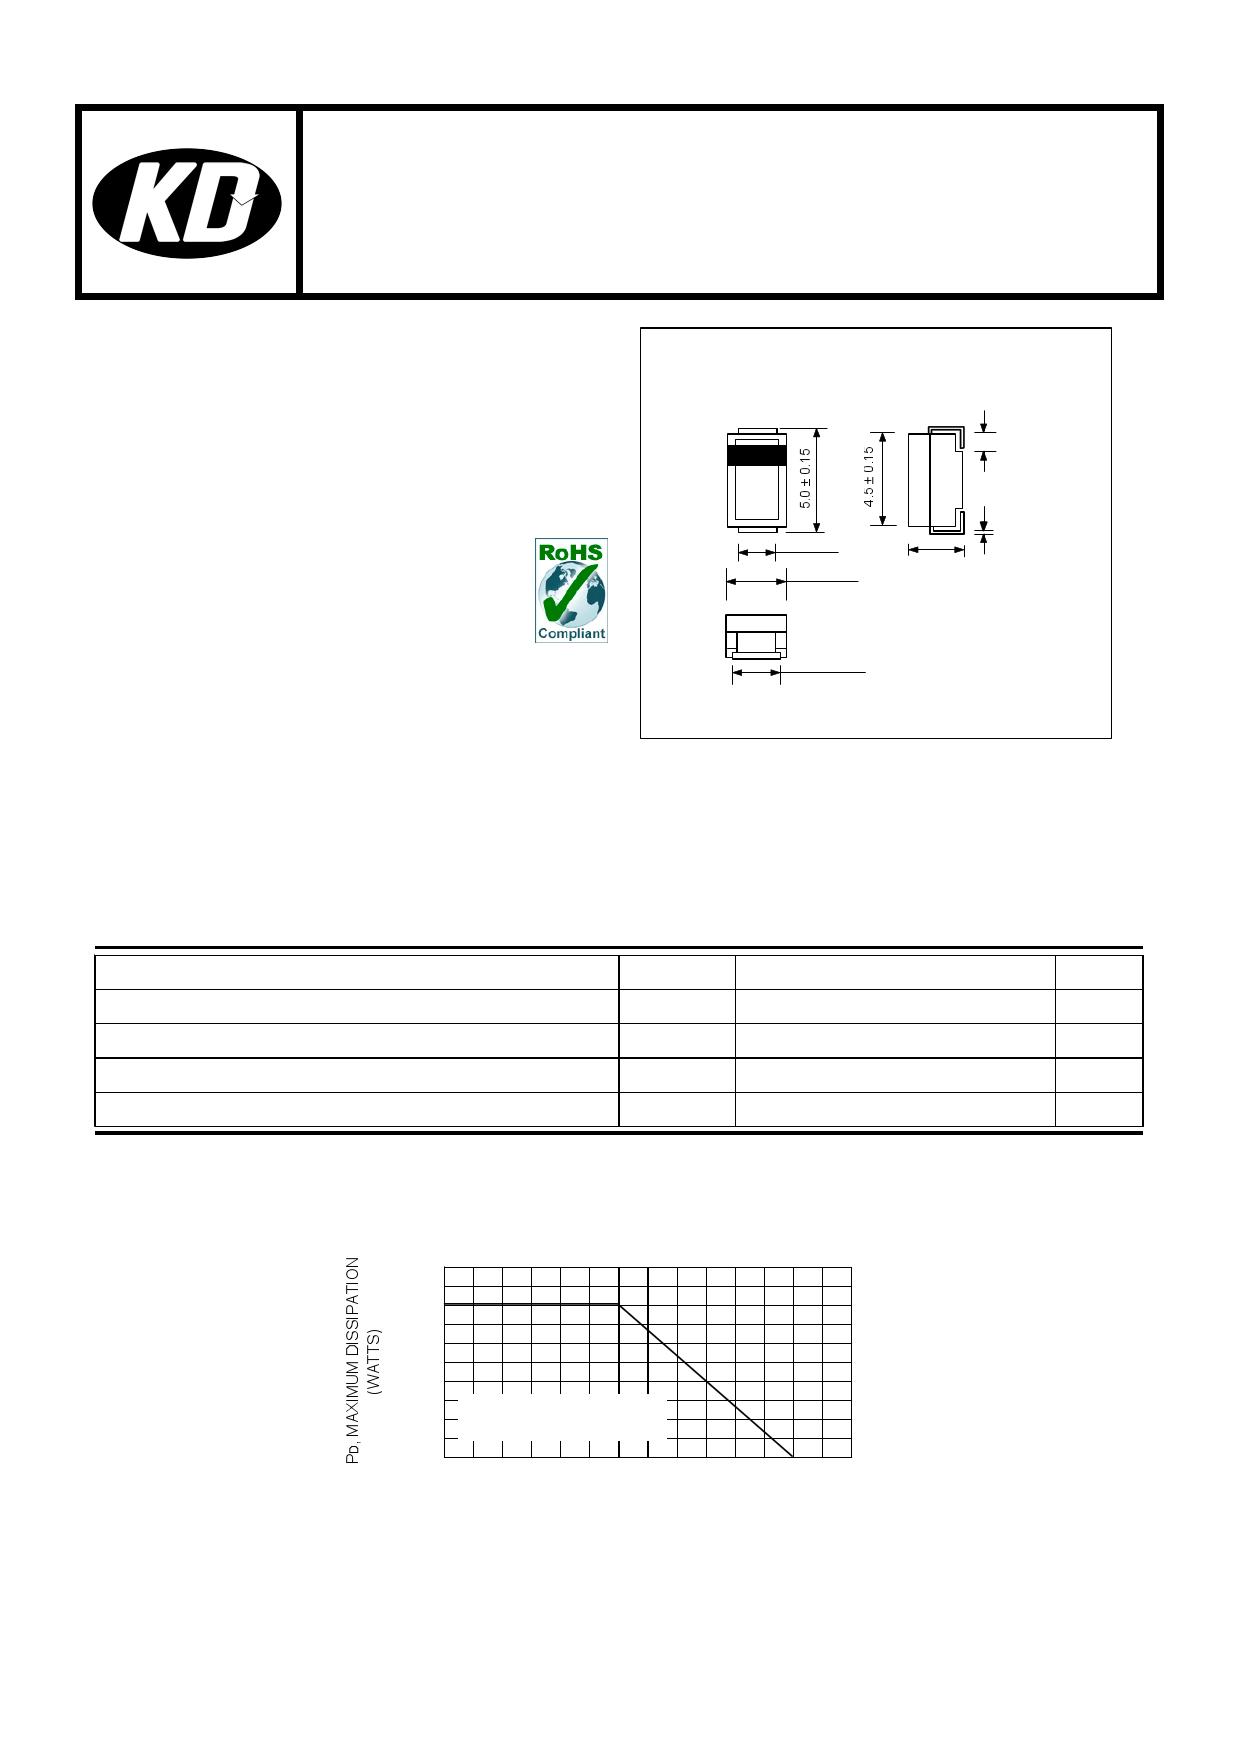 SZ40B7 datasheet